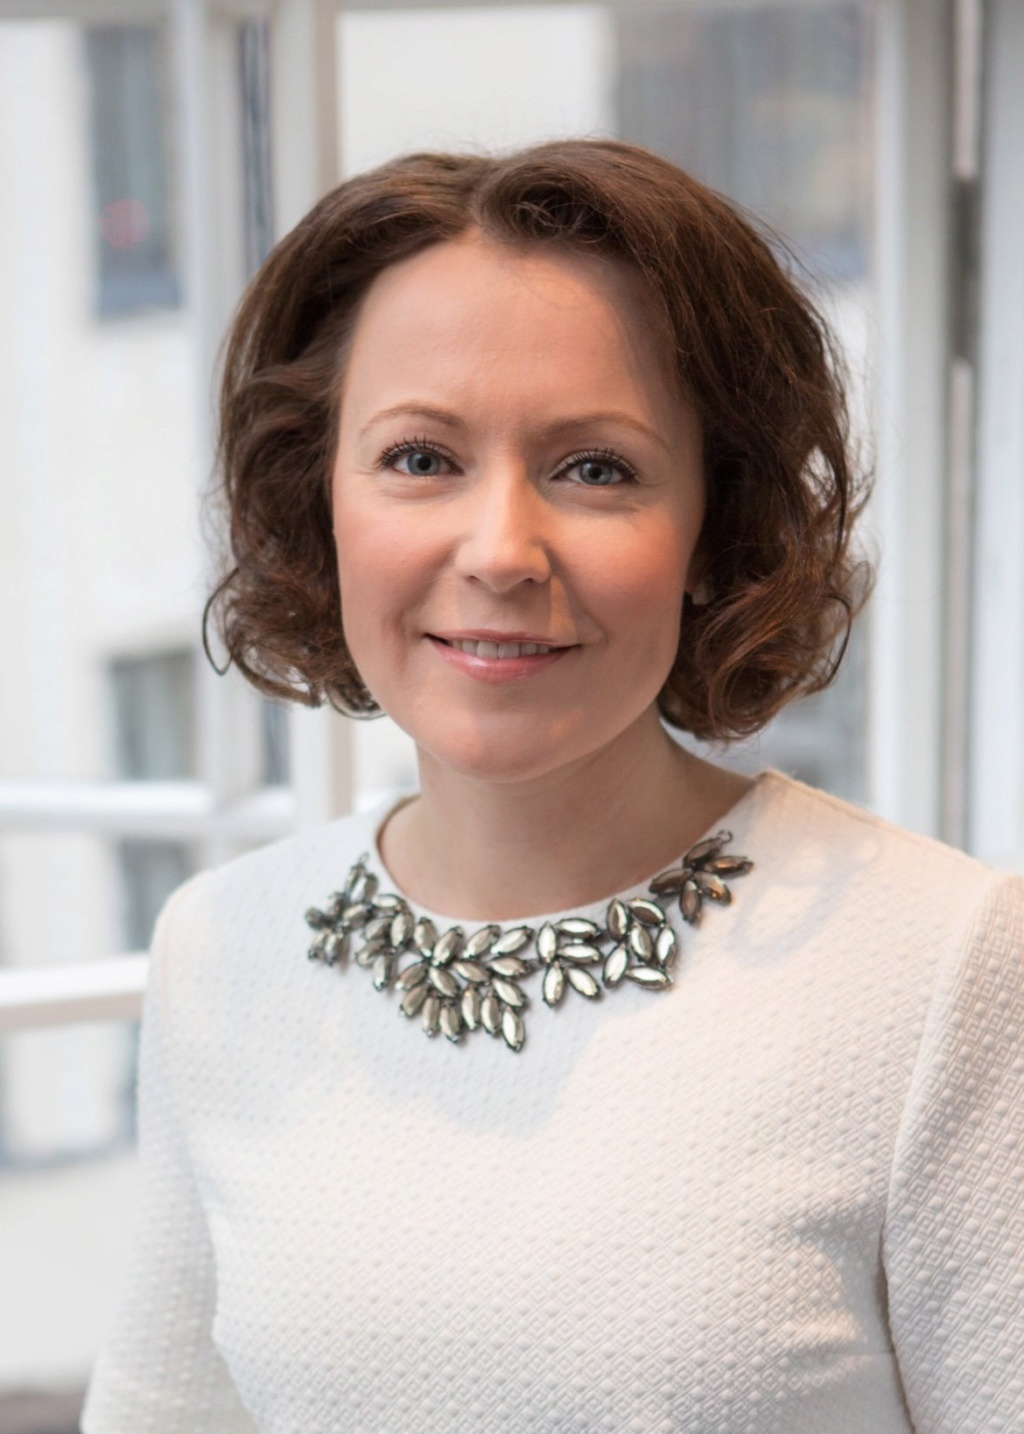 رئيسة فلندا تدعو للإهتمام بأحوال المعلم المهنية و المادية كعنصر أساسى فى نجاح تطوير التعليم Zbhcps10